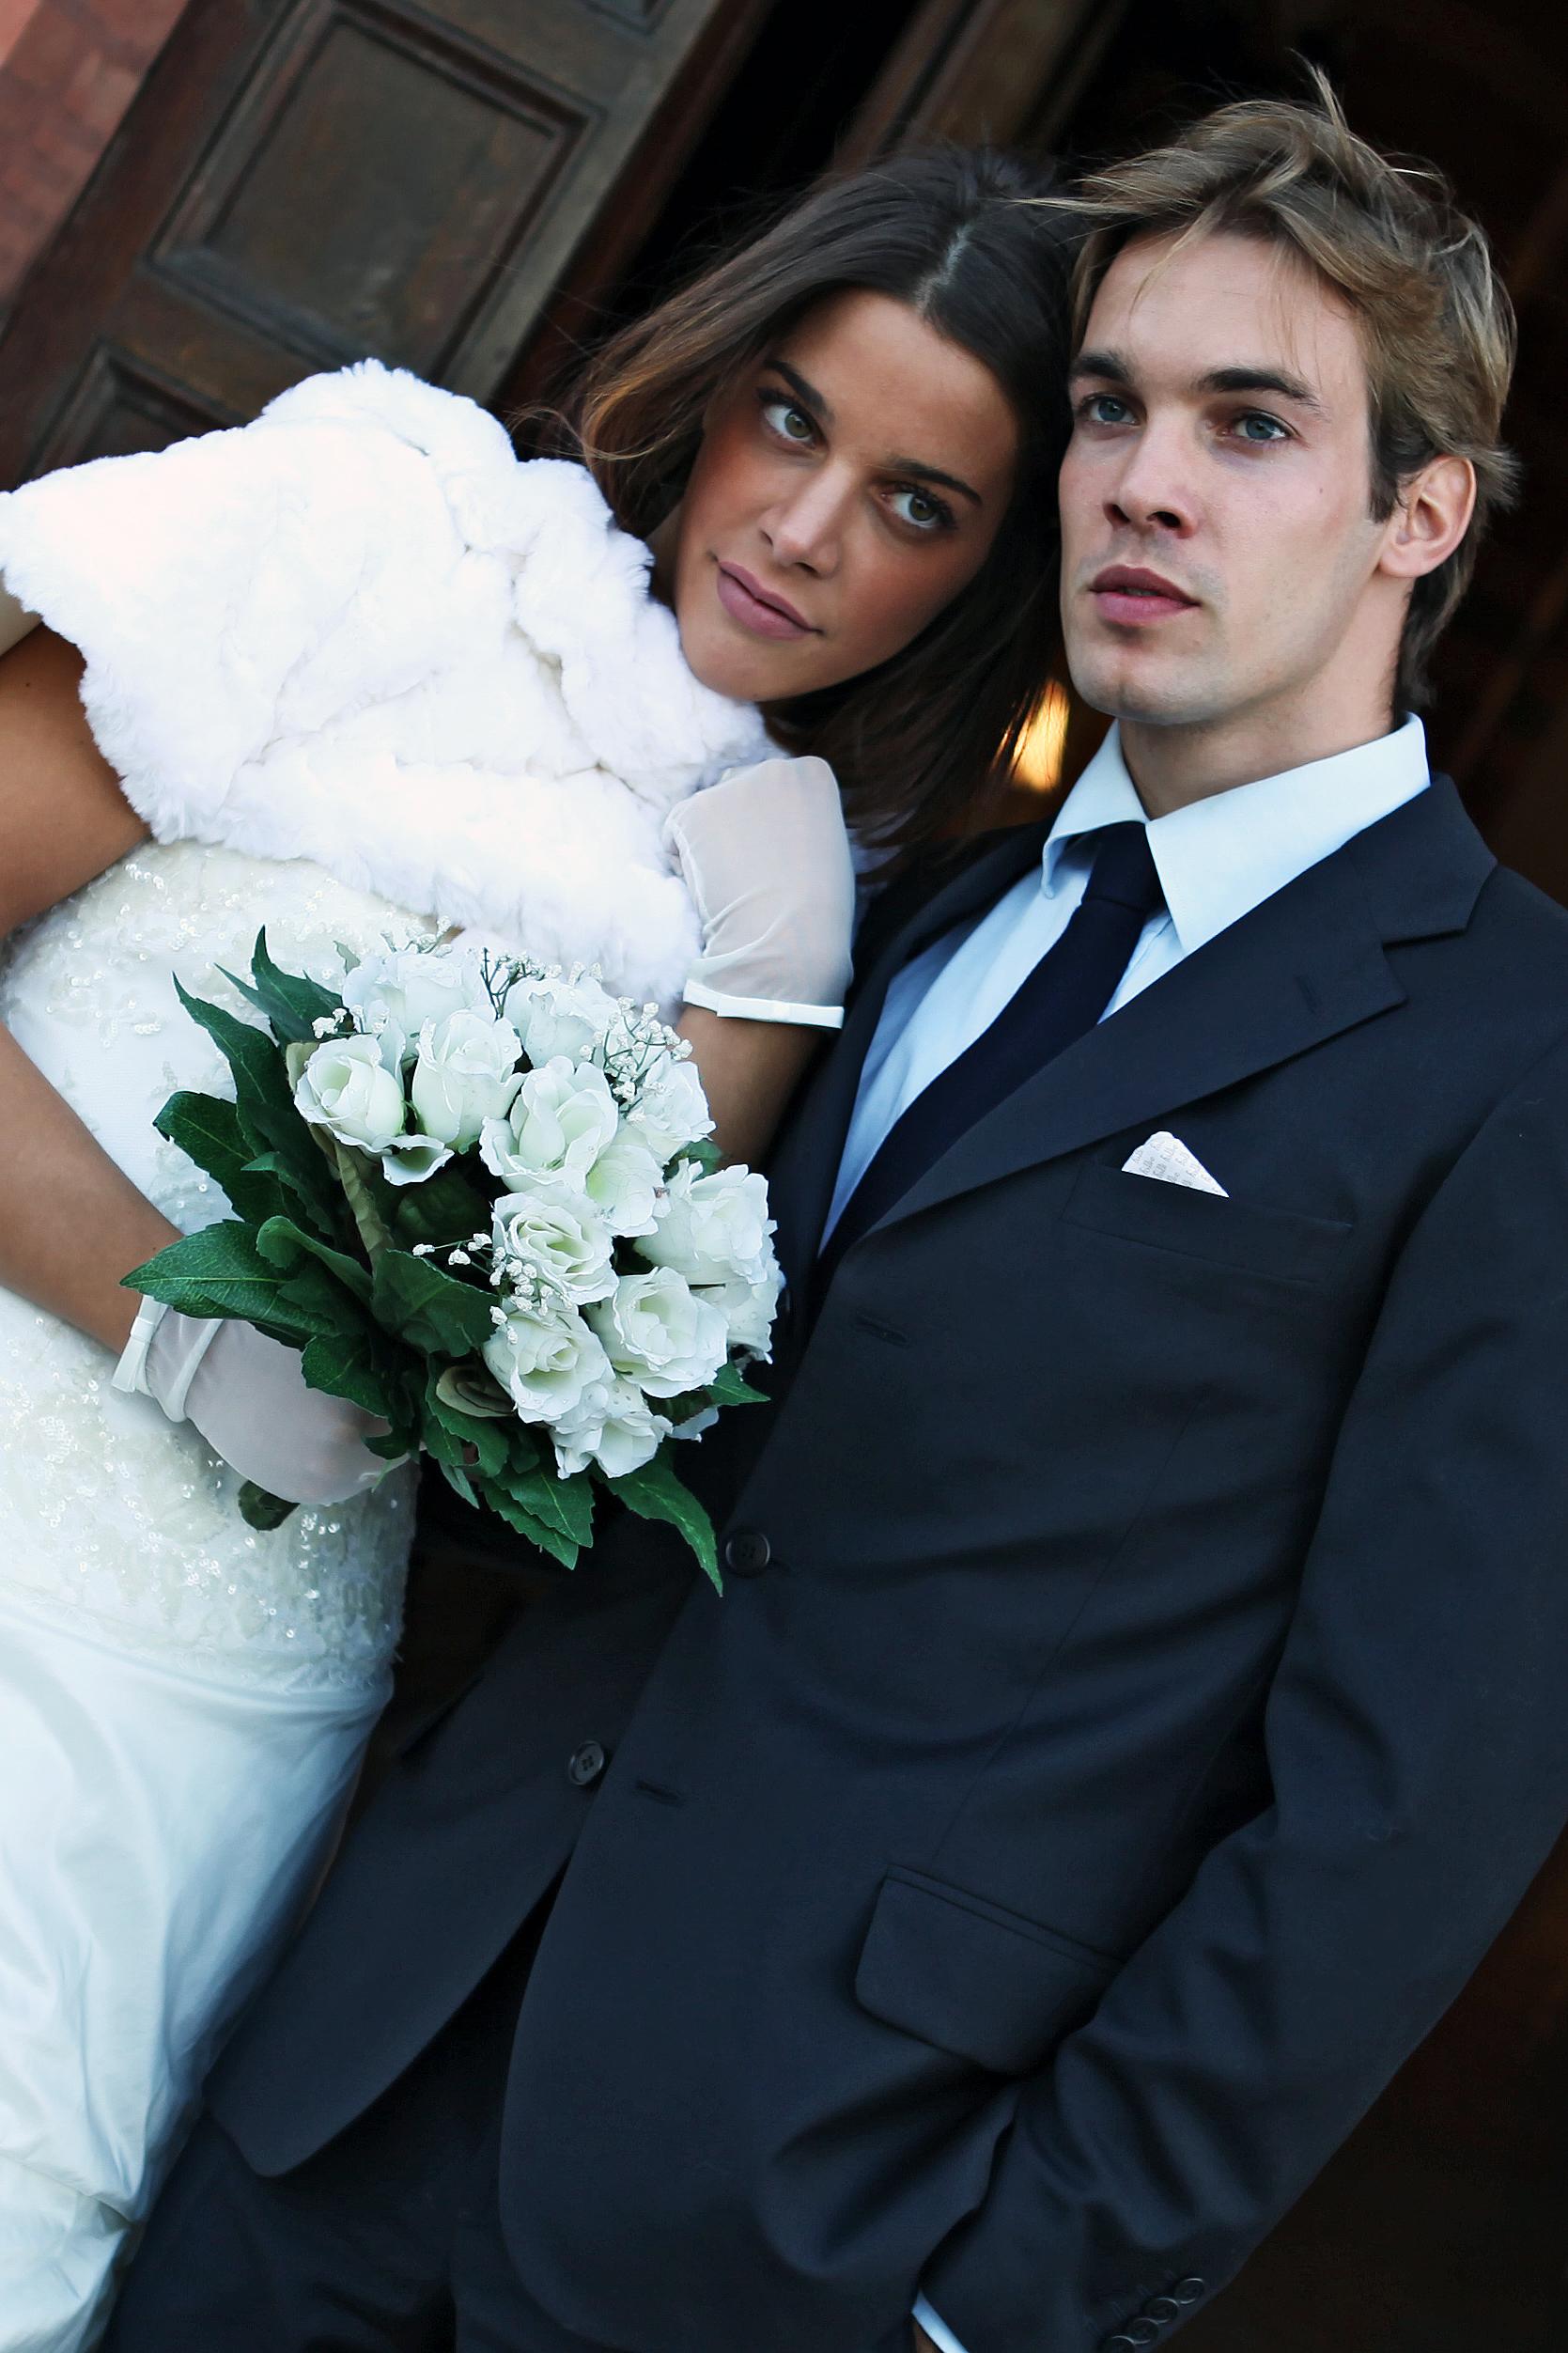 matrimonio+6.jpg